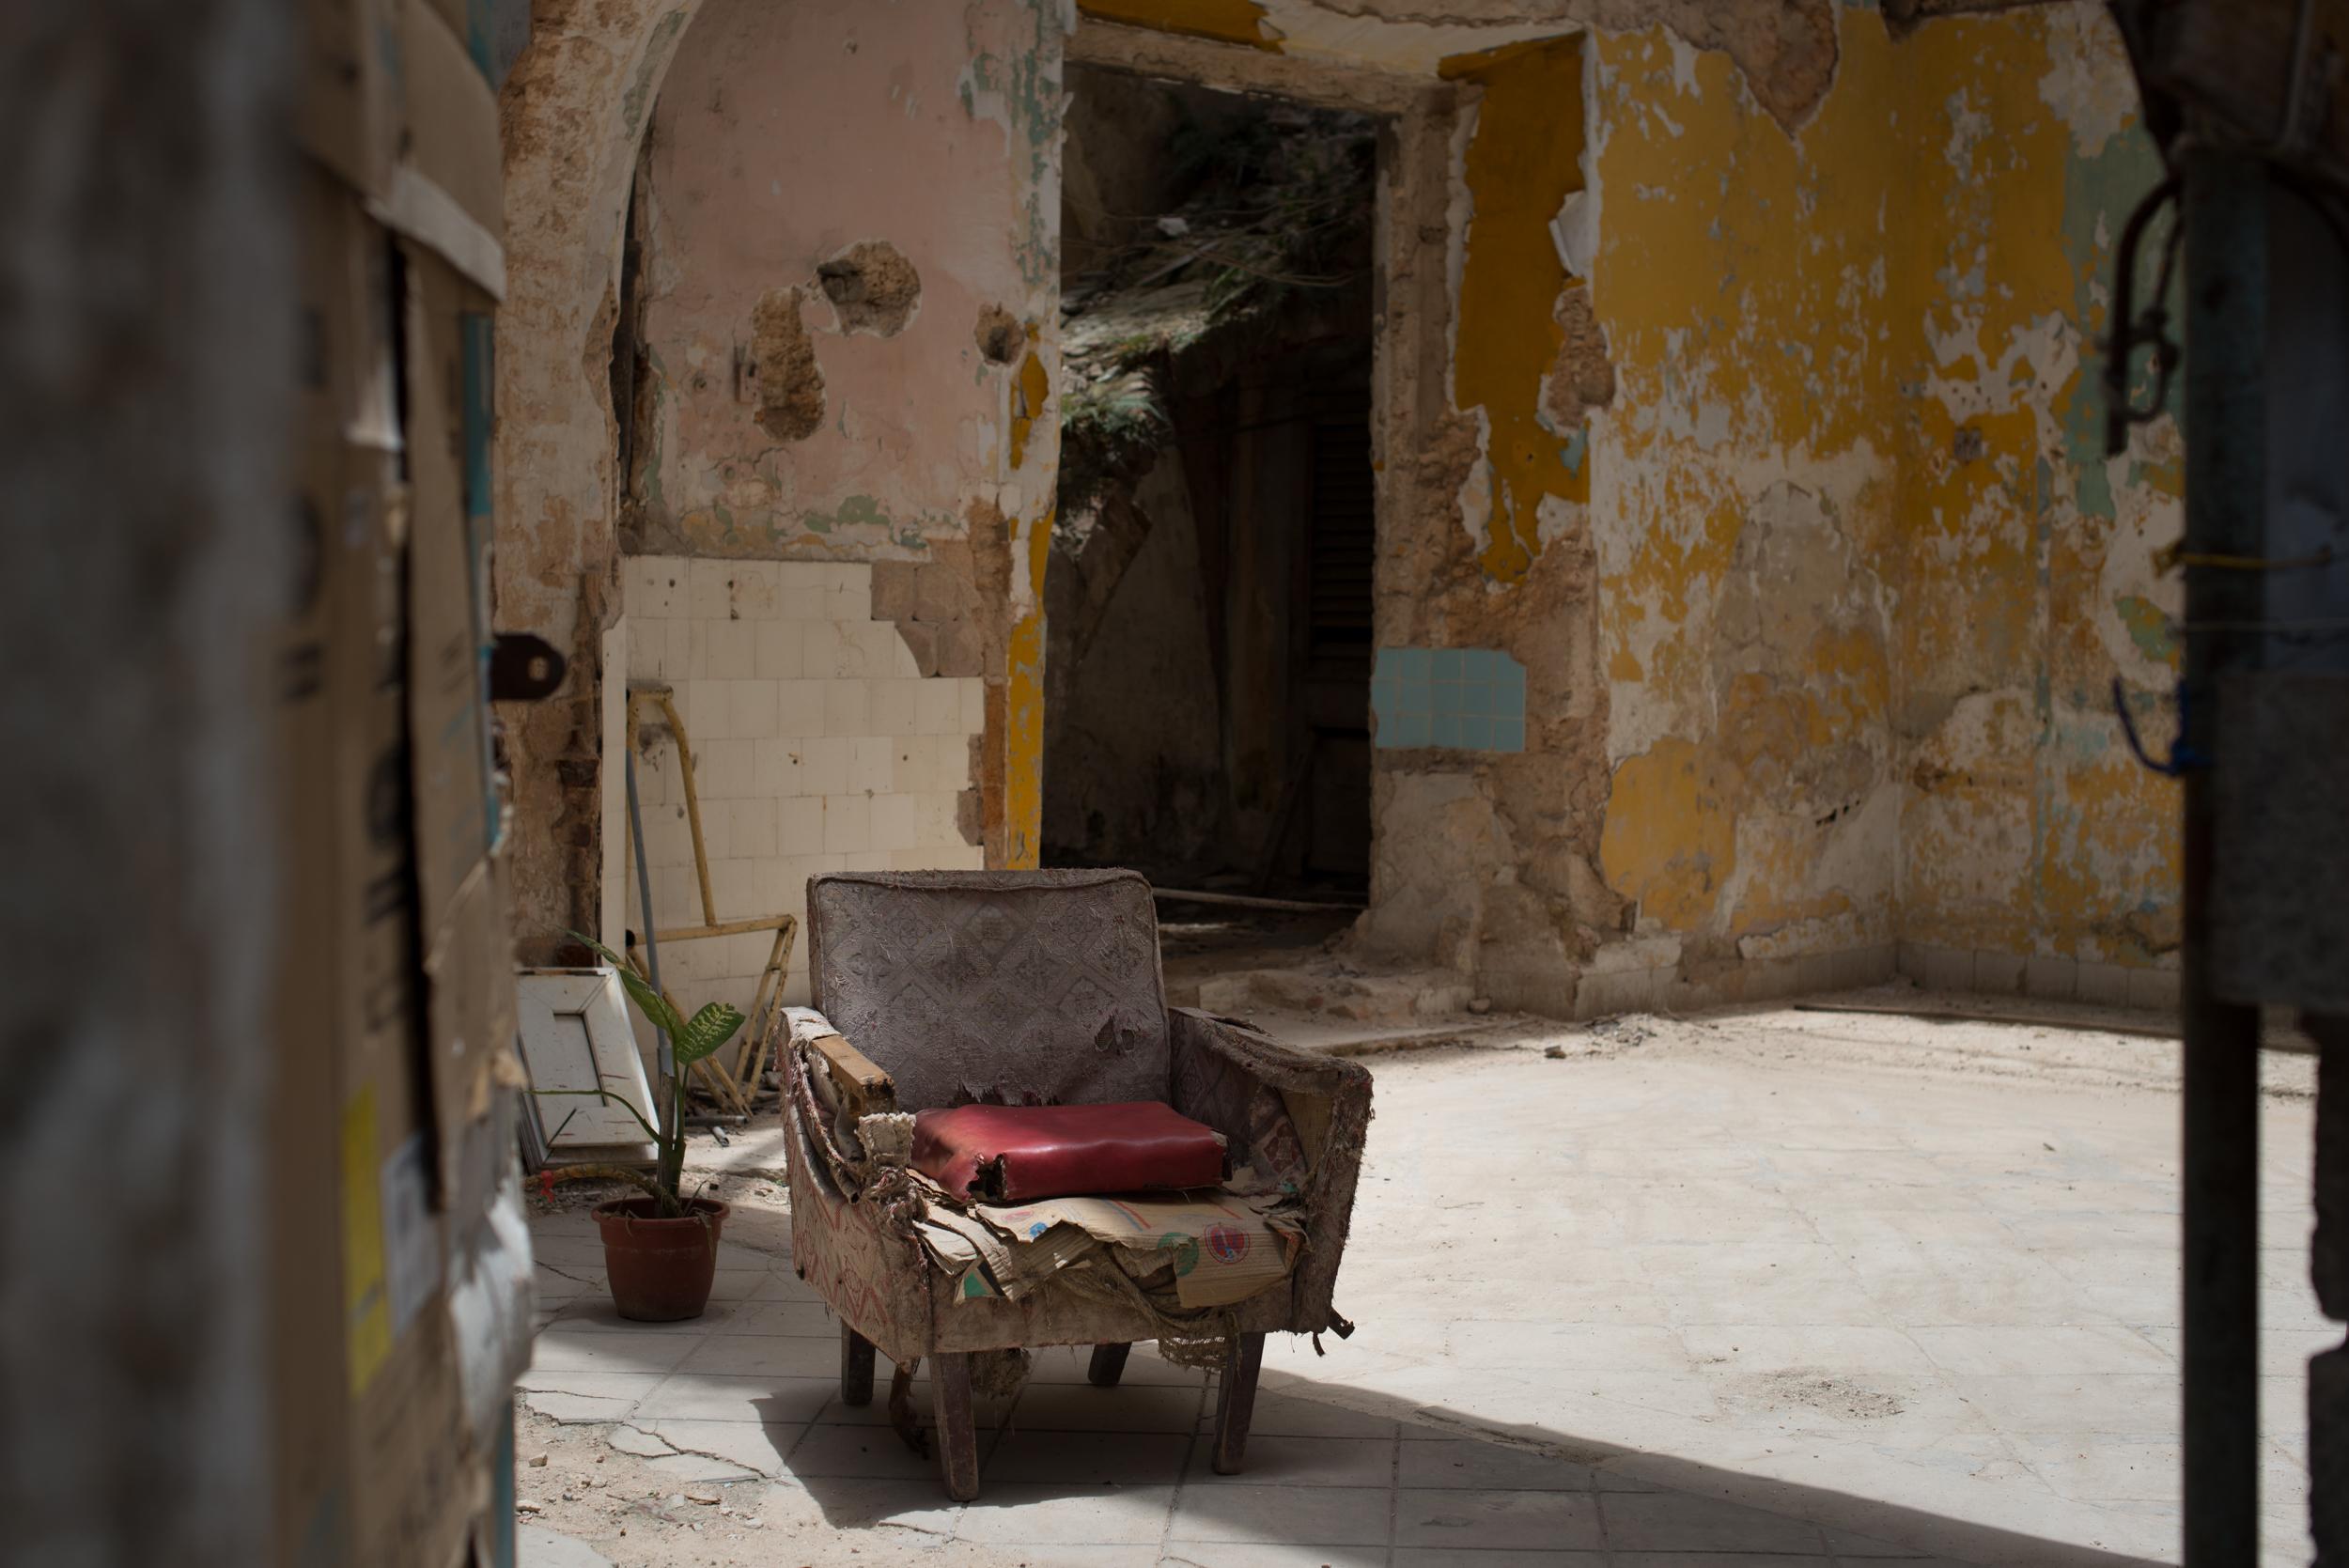 Cuba_021.jpg